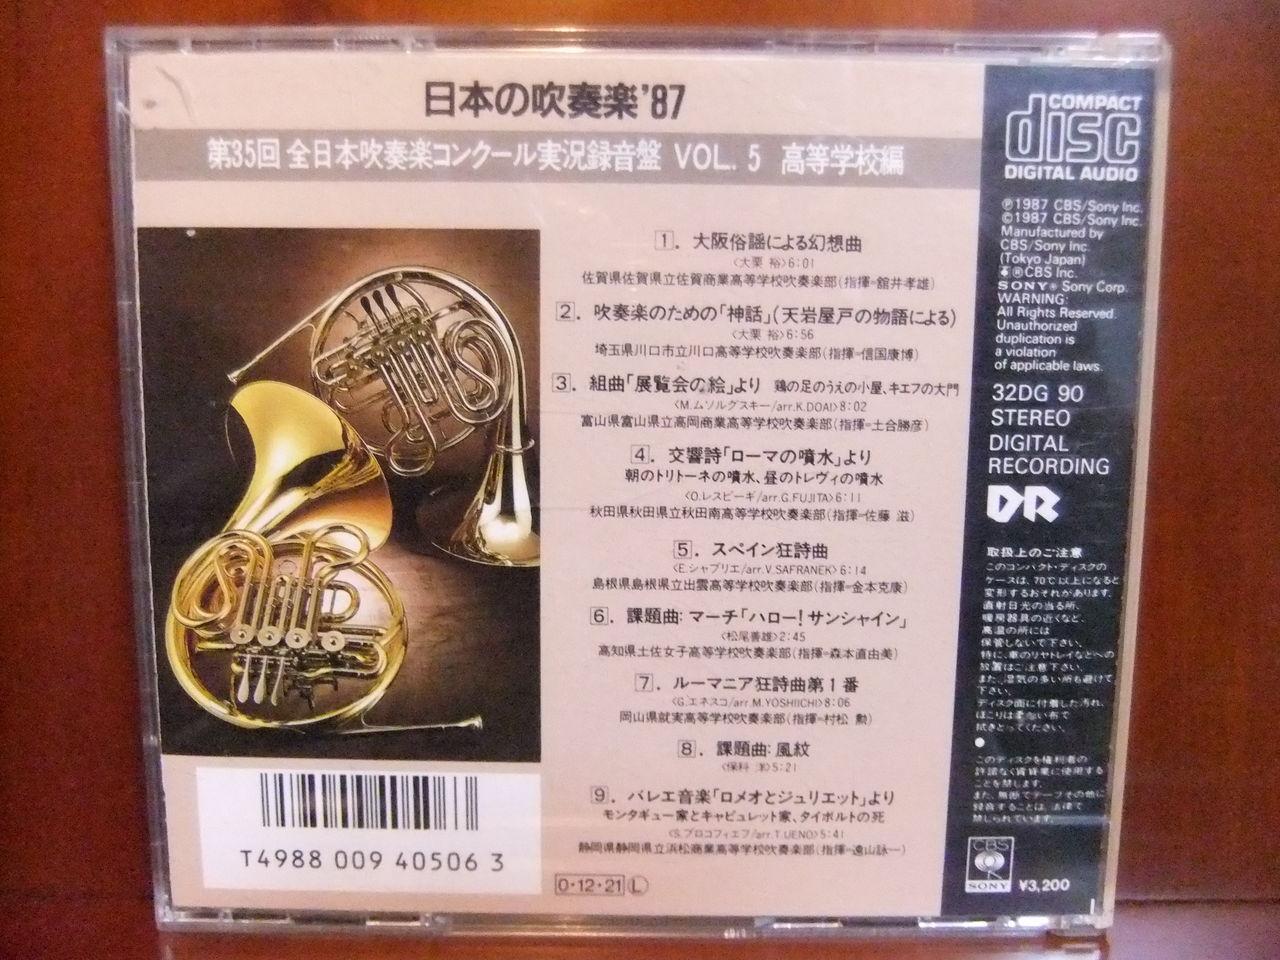 吹奏楽マニア所蔵音源:第28回 日本の吹奏楽'87 vol.5 高等学校編 ...